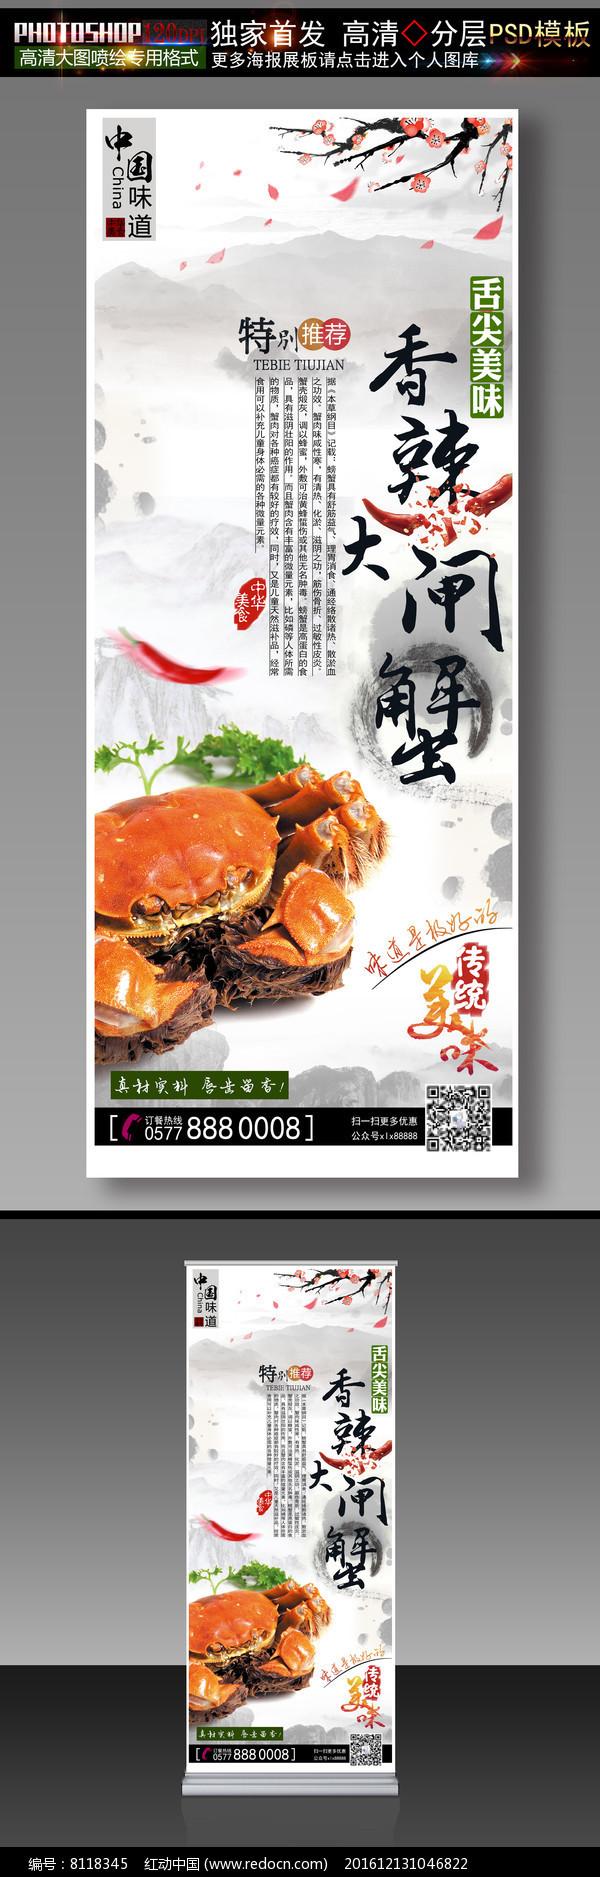 中国风大闸蟹美食展架图片